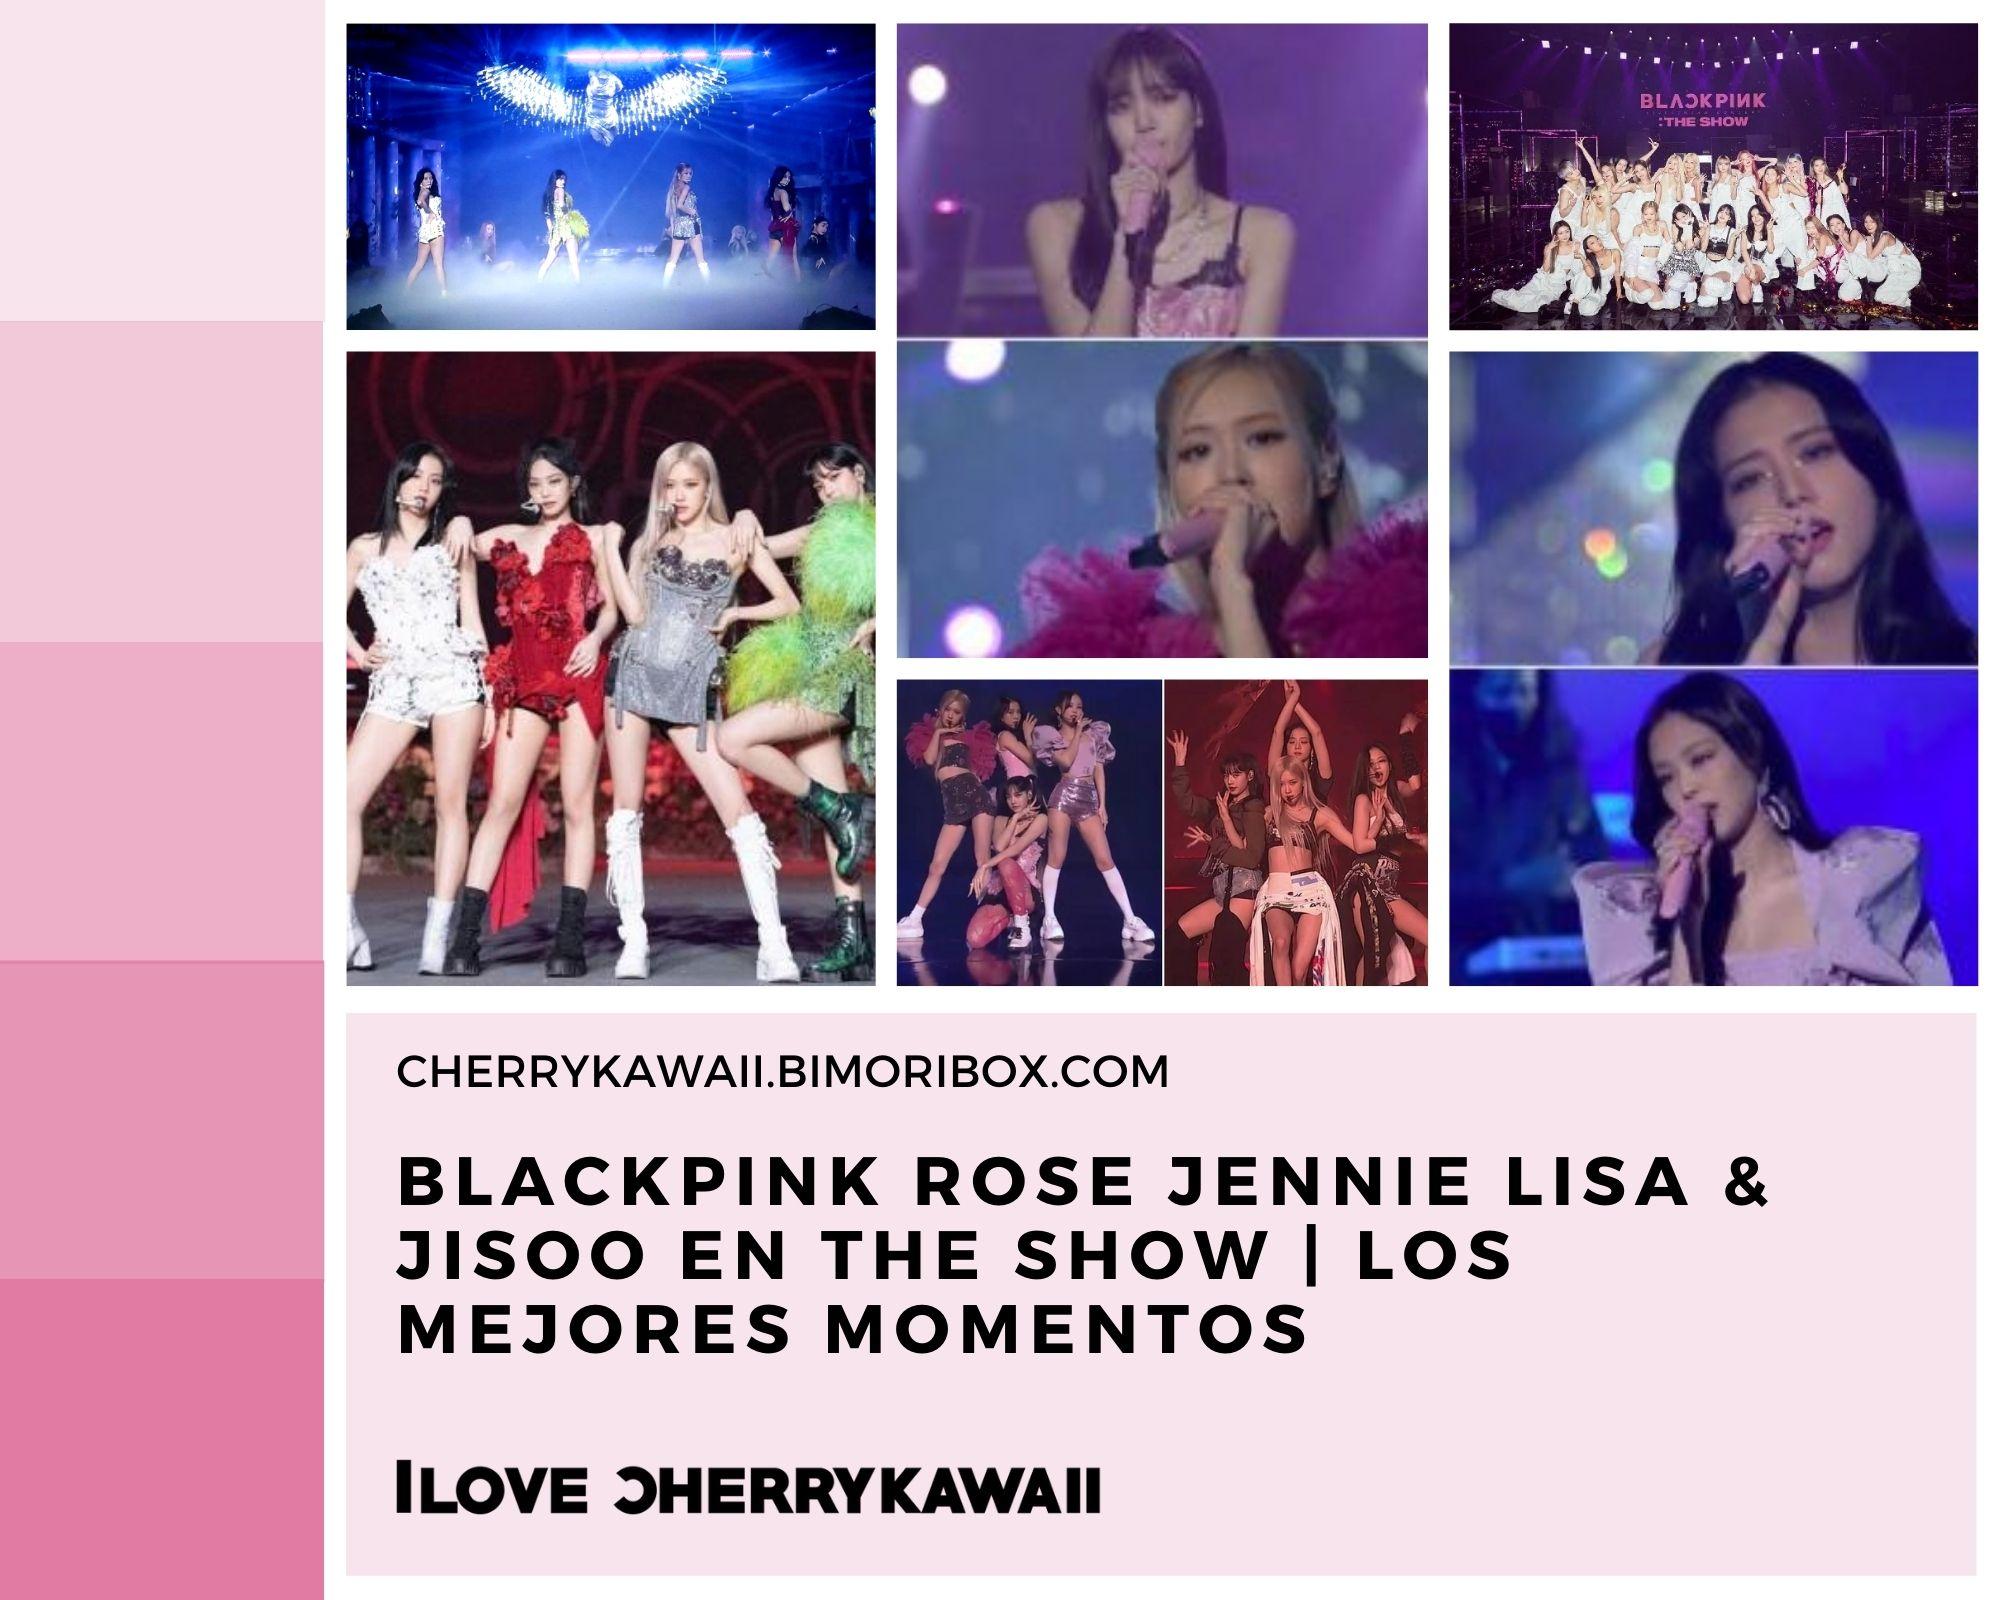 BLACKPINK Rose Jennie Lisa & Jisoo en The Show | los mejores momentos